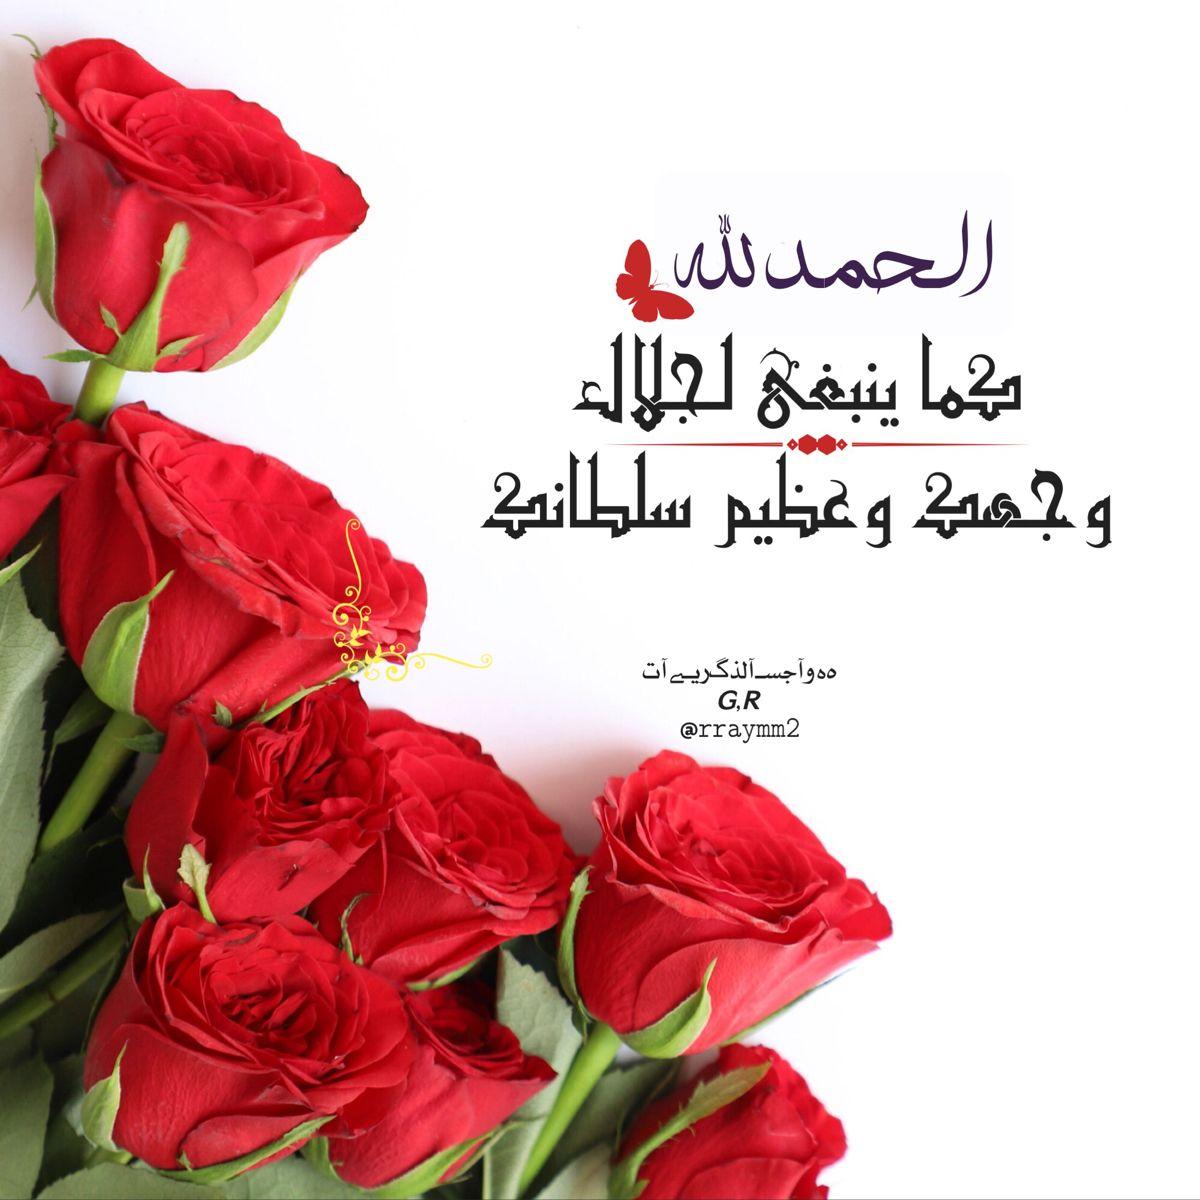 Pin By هہ وآجسـ آلذگريـﮯآت 𝙂 𝙍 On G R Plants Rose Flowers